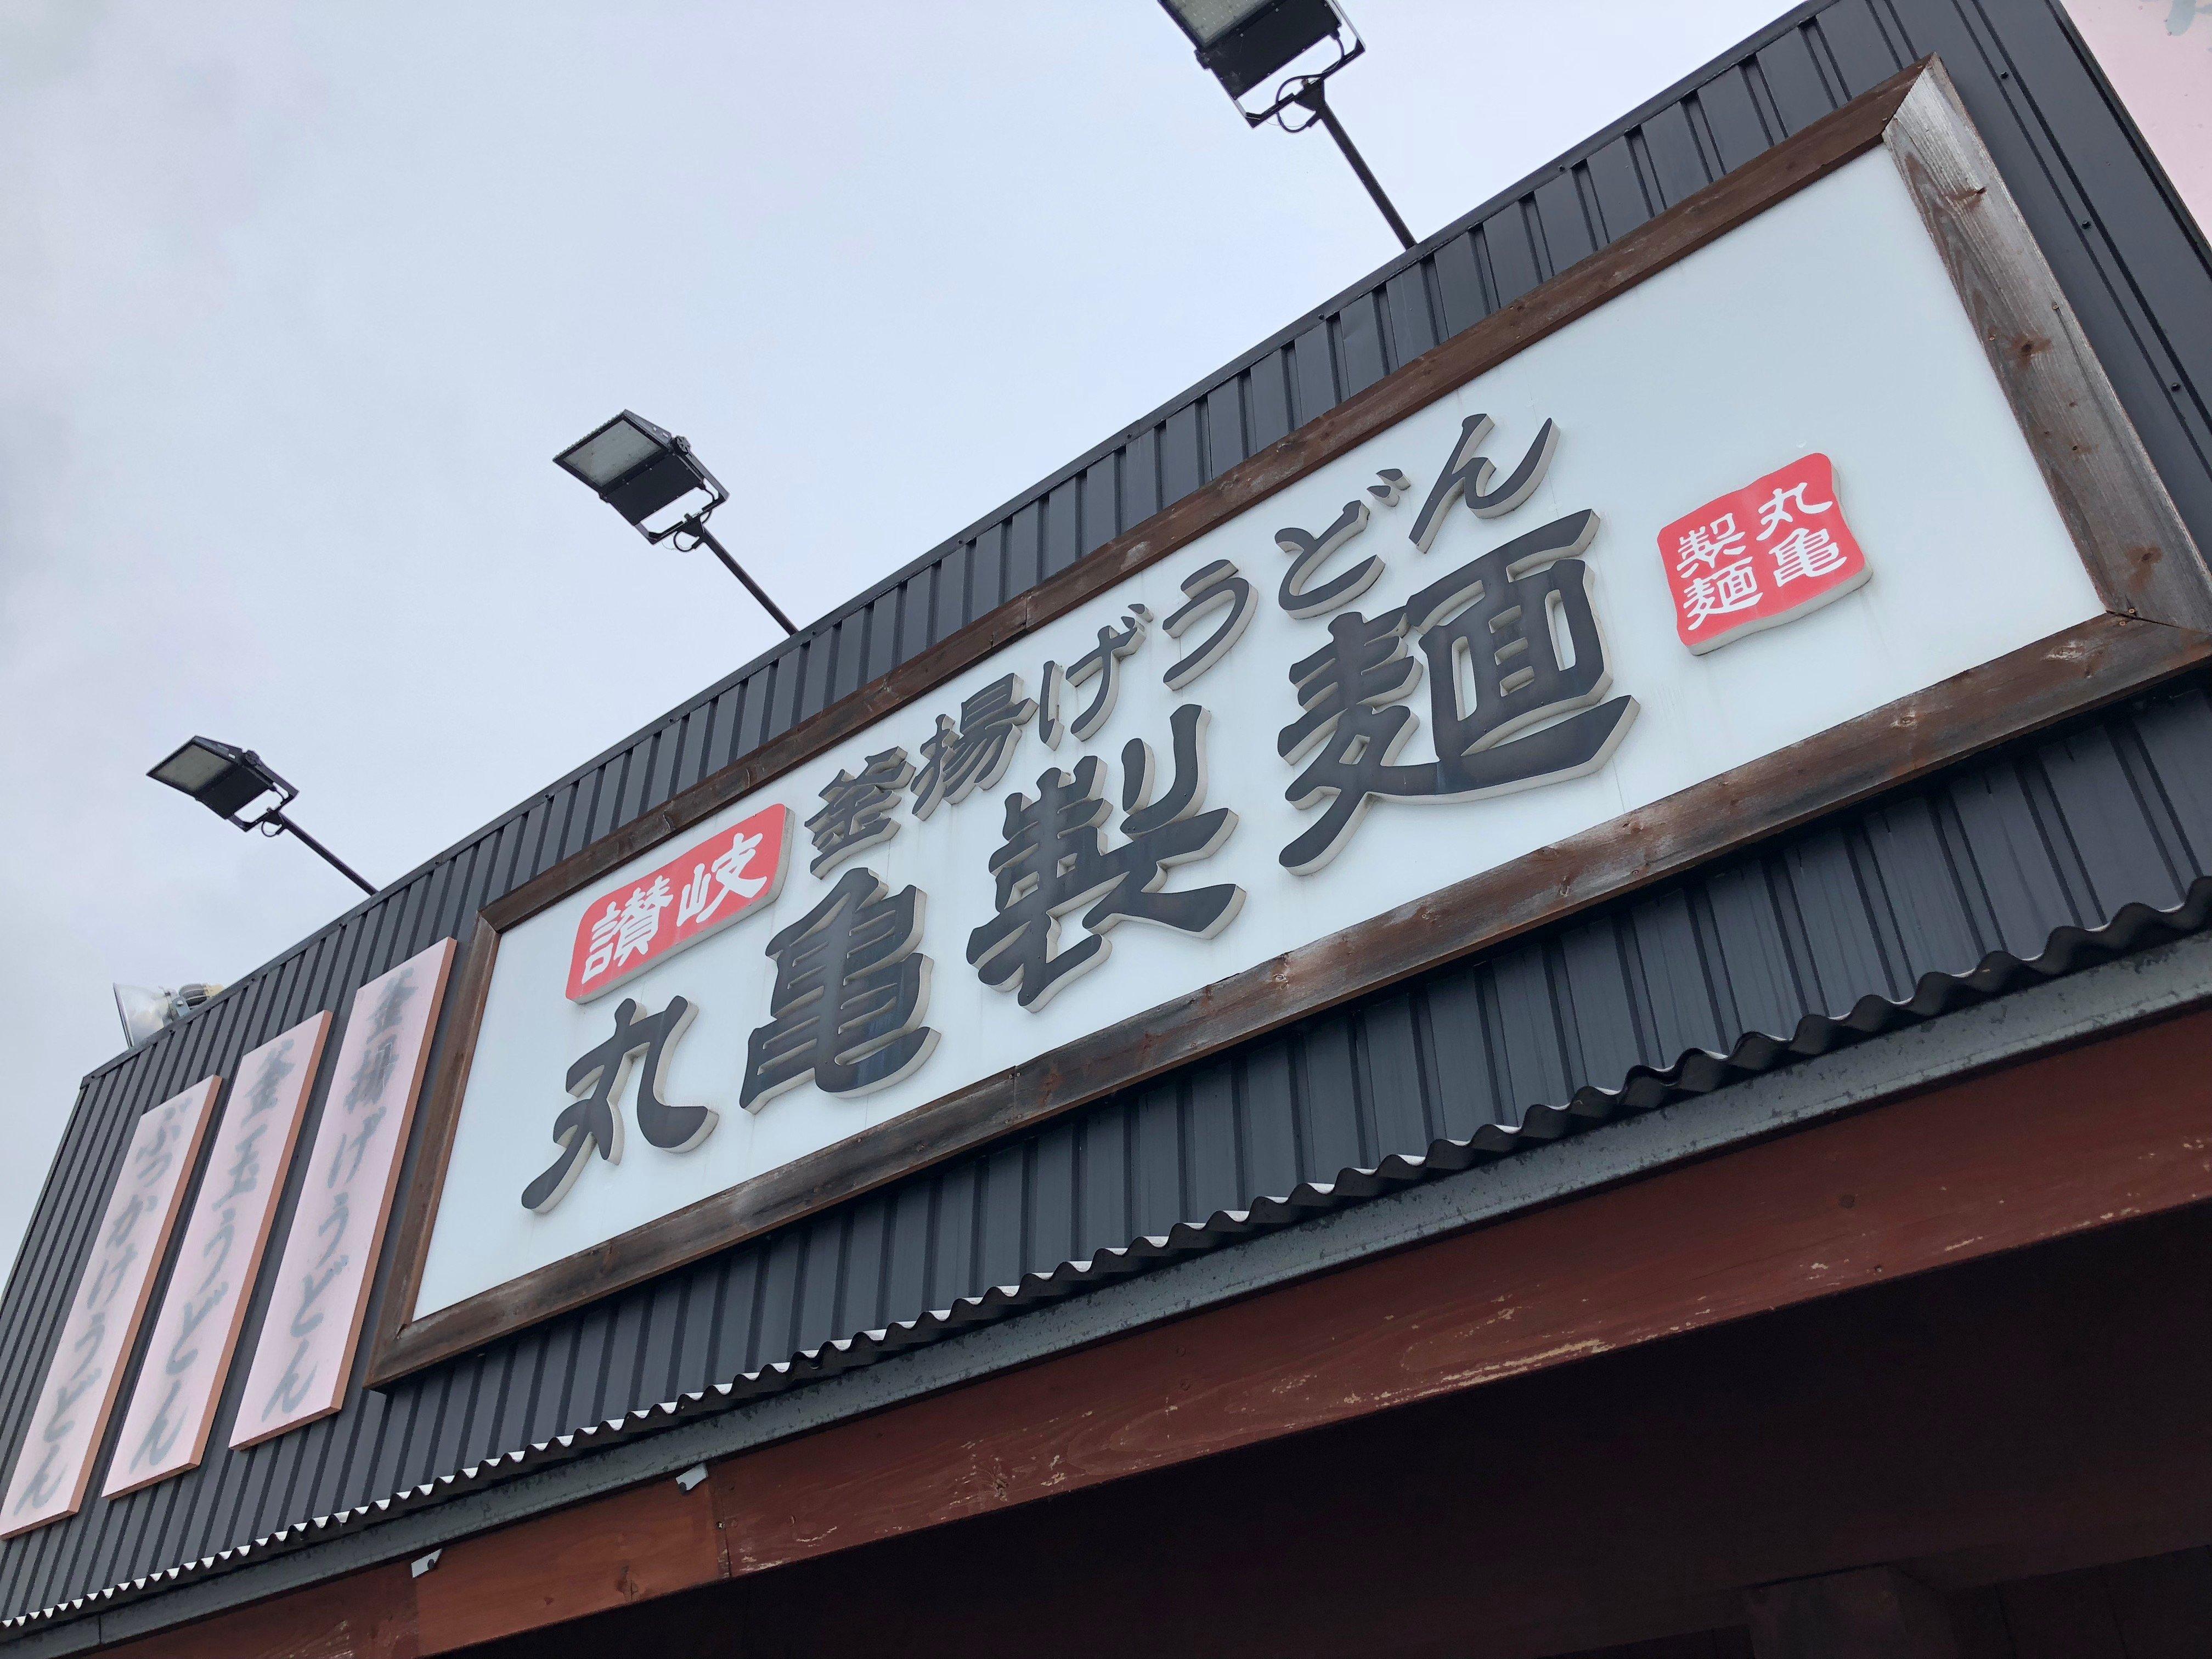 「丸亀製麵」運営のトリドールHD、2019年1月の既存店売上高は2カ月連続マイナス成長